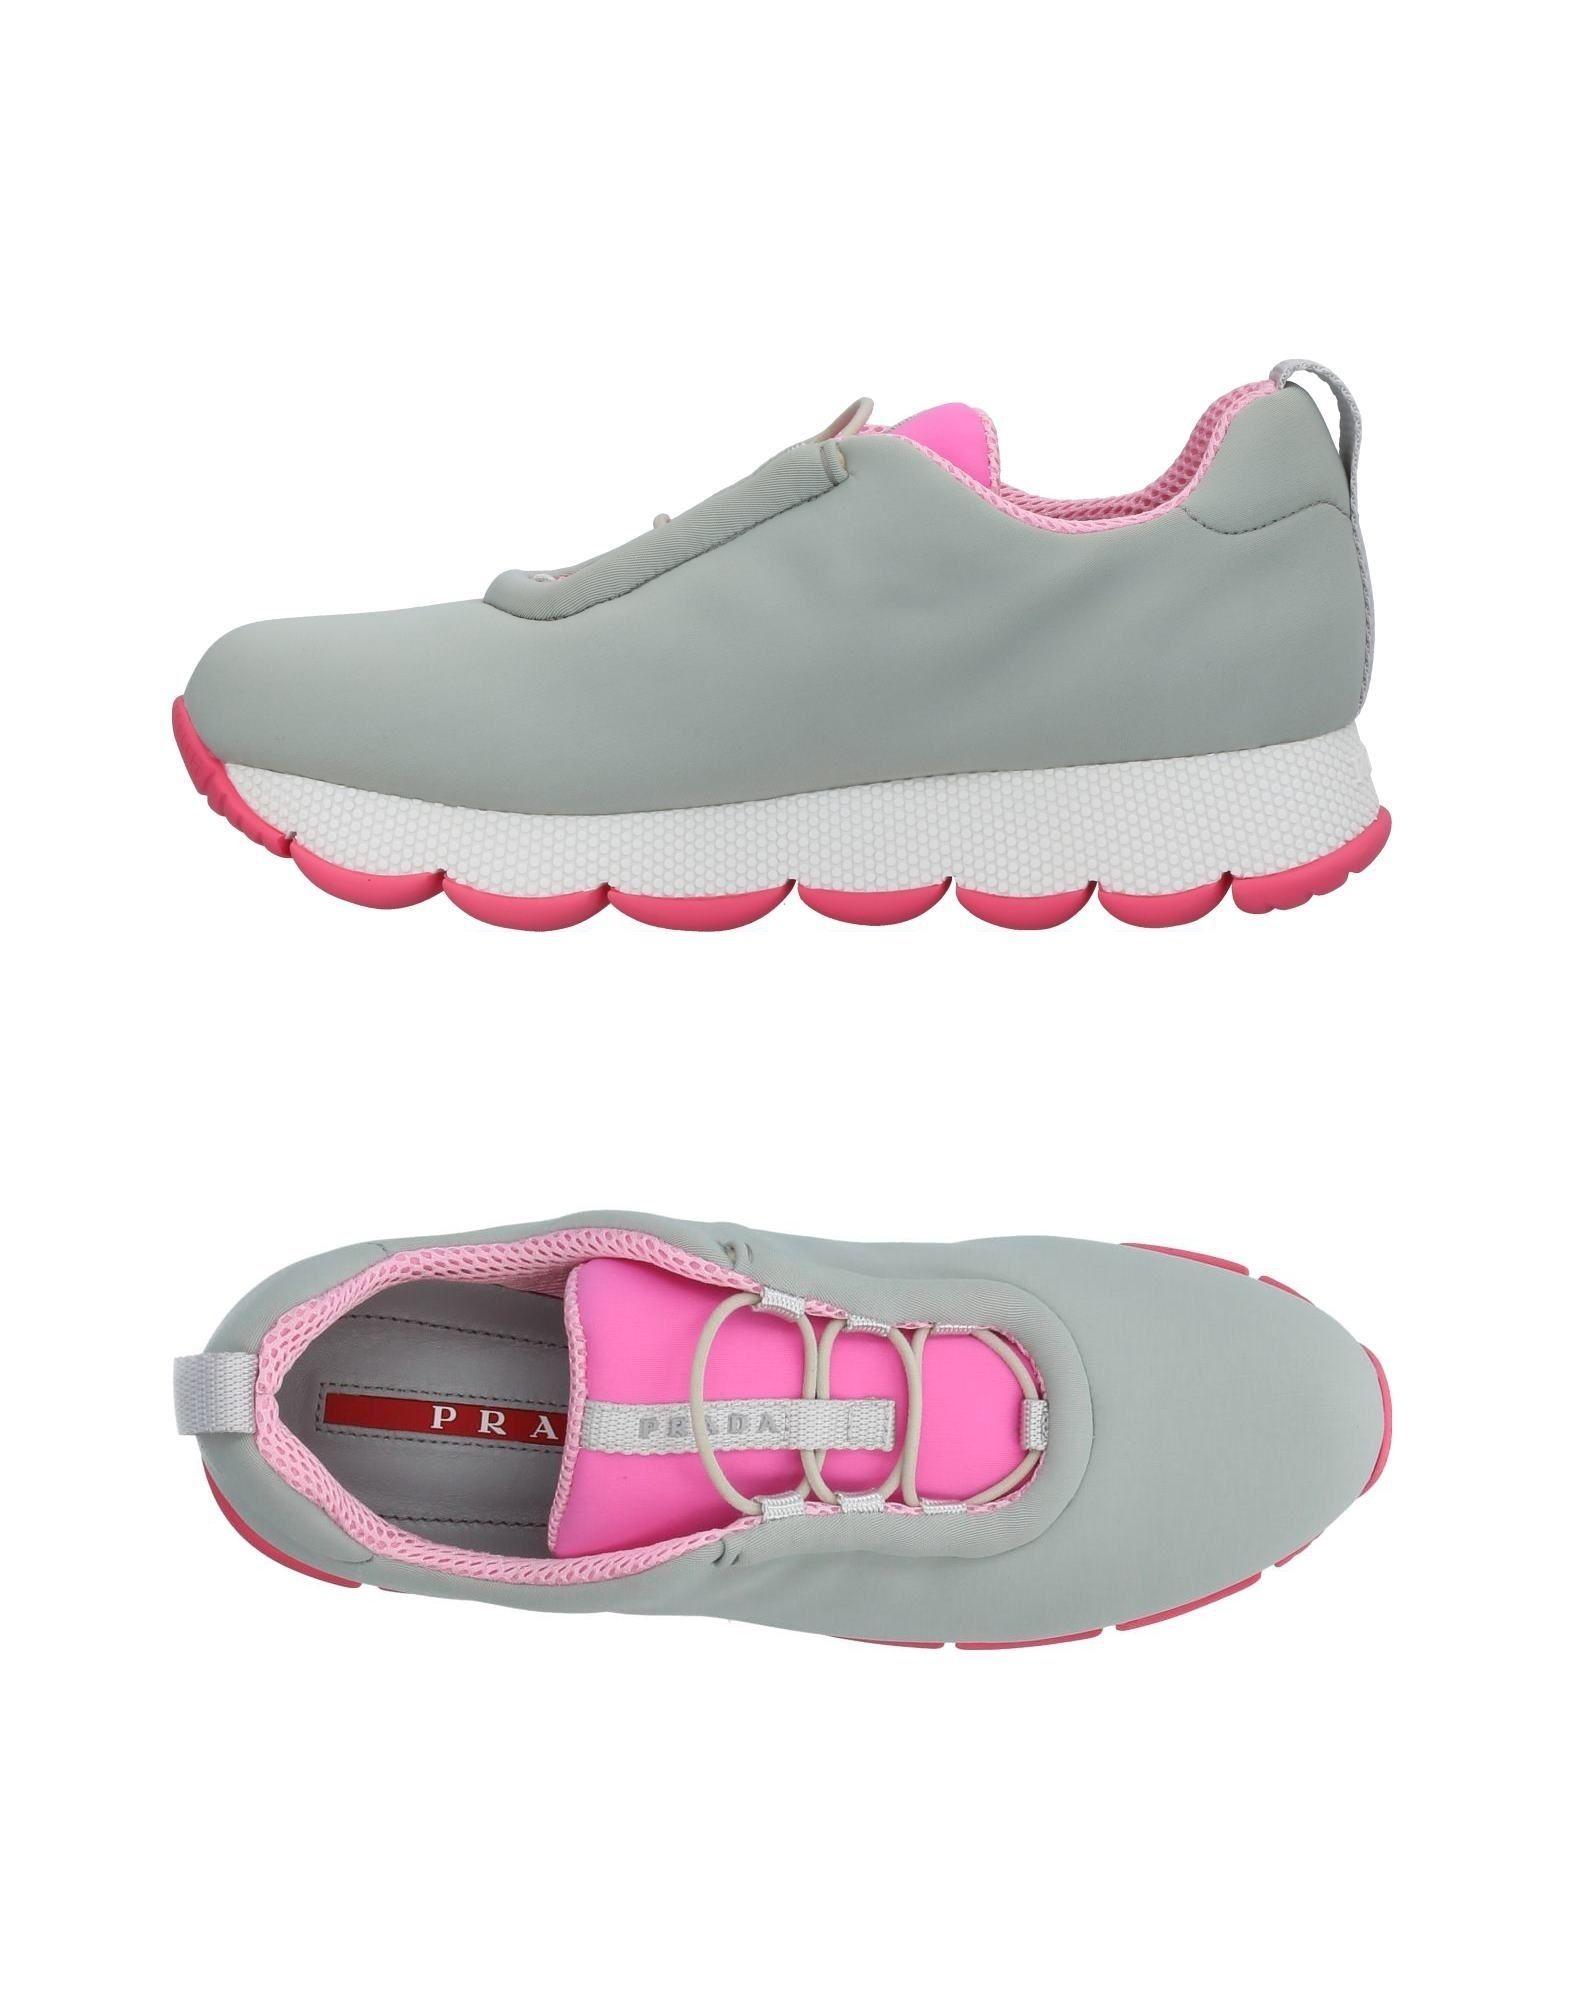 Nuevos por zapatos para hombres y mujeres, descuento por Nuevos tiempo limitado Zapatillas Prada Sport Mujer - Zapatillas Prada Sport  Gris 6dfcff